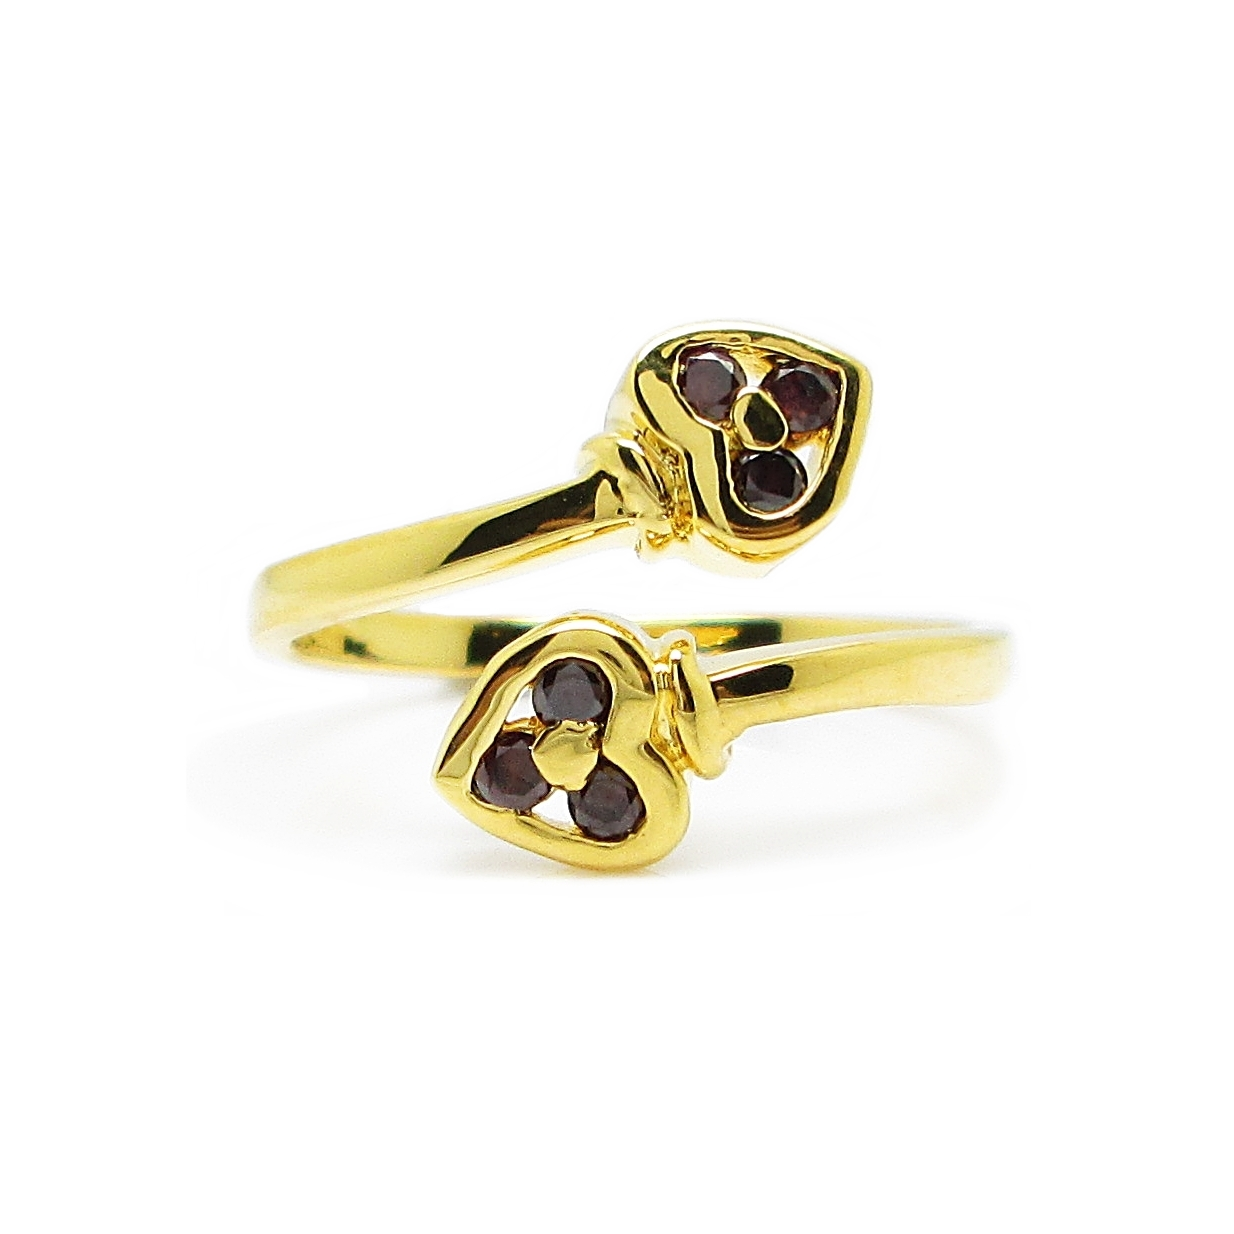 แหวนฟรีไซส์หัวใจประดับพลอยโกเมนชุบทอง